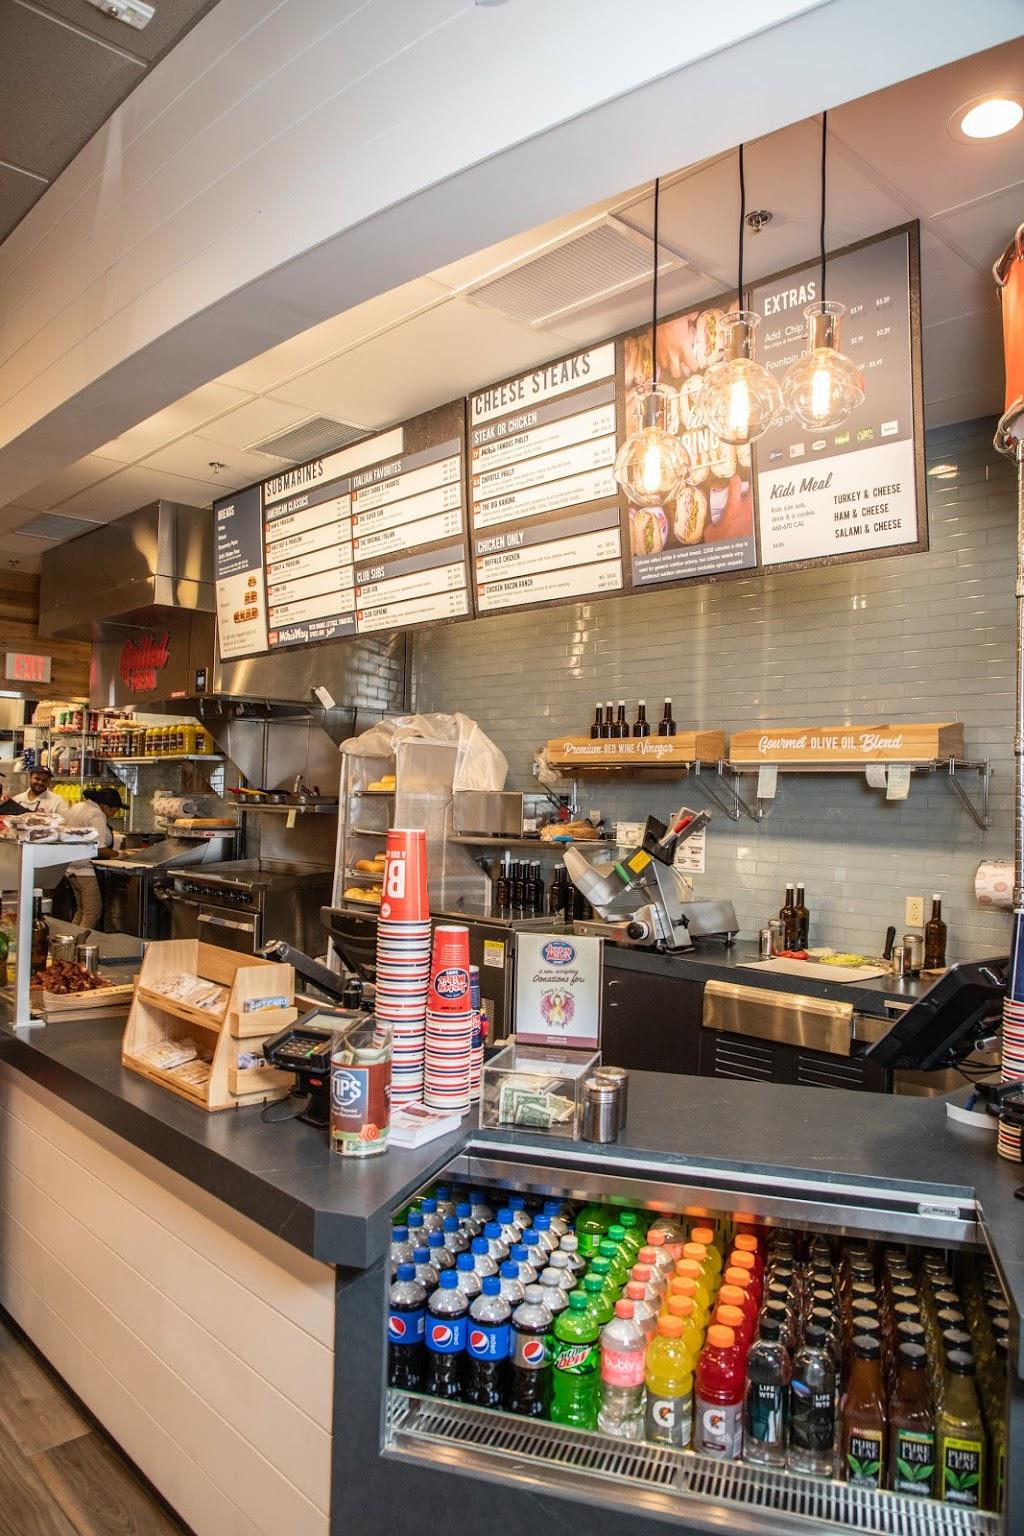 Jersey Mikes Subs | restaurant | 6828 Waltons Ln, Gloucester, VA 23061, USA | 8042101130 OR +1 804-210-1130